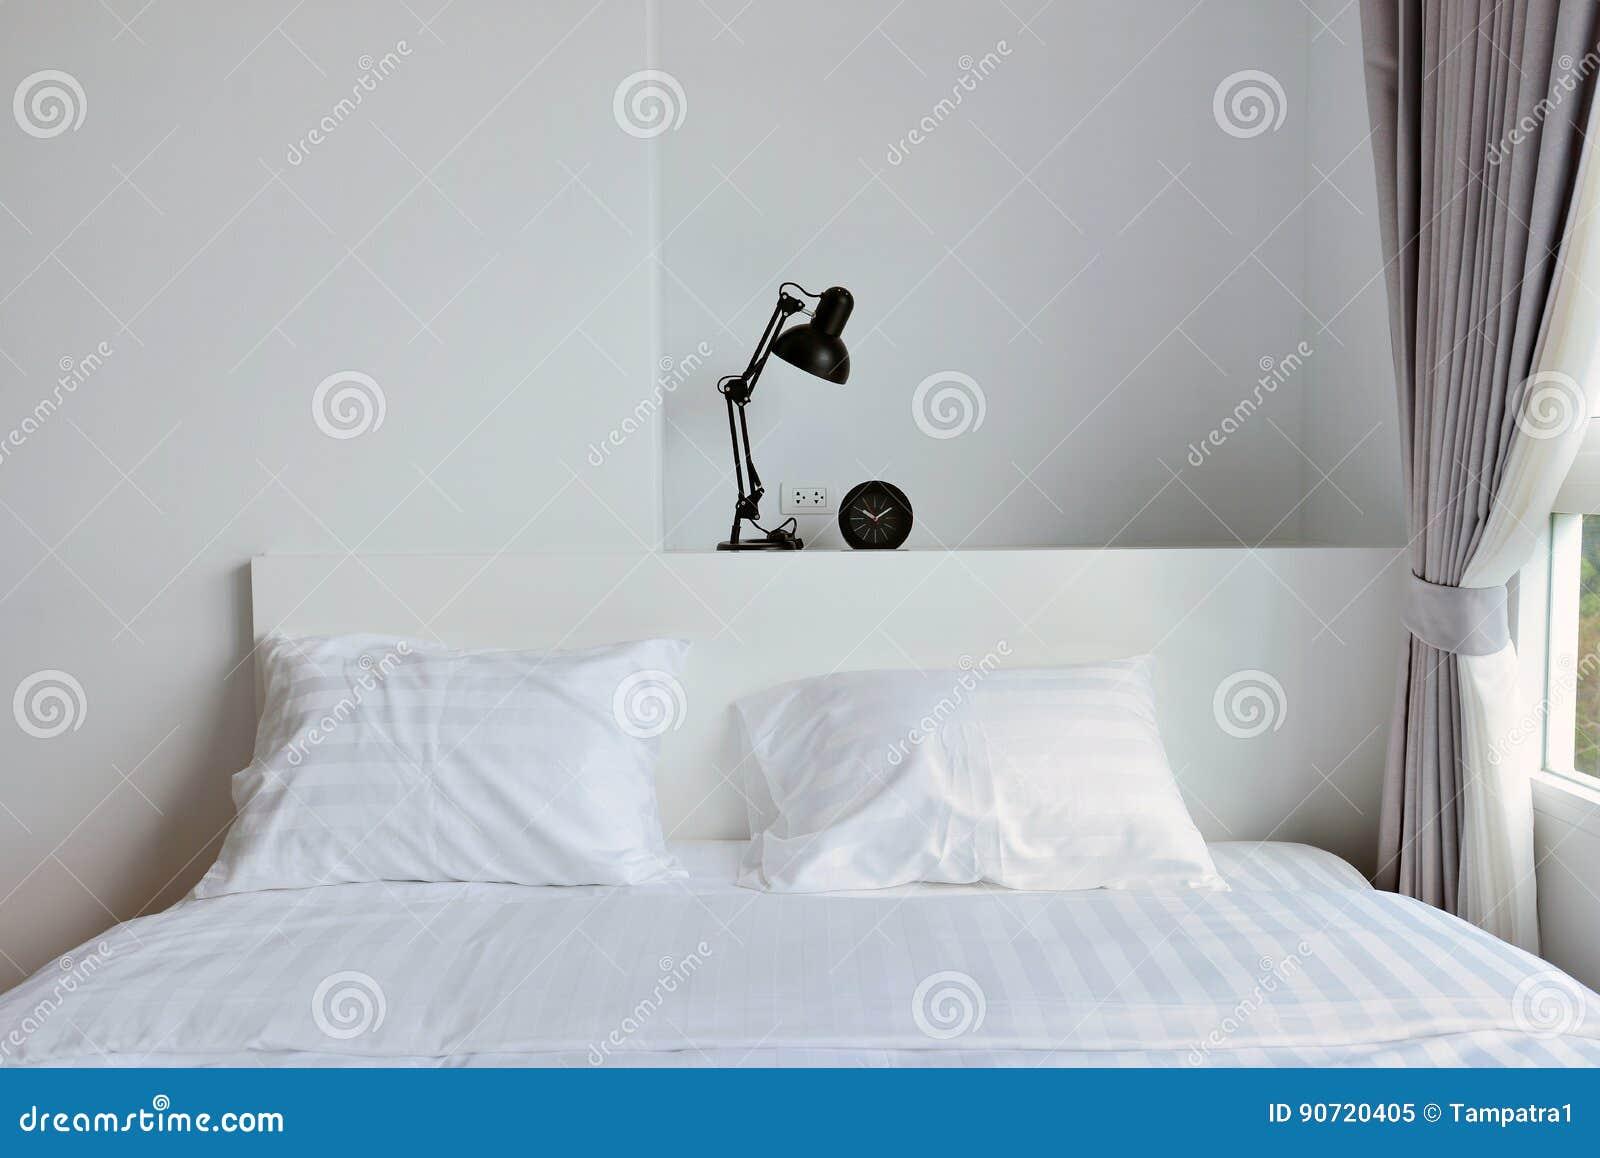 Comò Camera Da Letto Moderna : Lampada moderna sul comodino di legno in camera da letto moderna